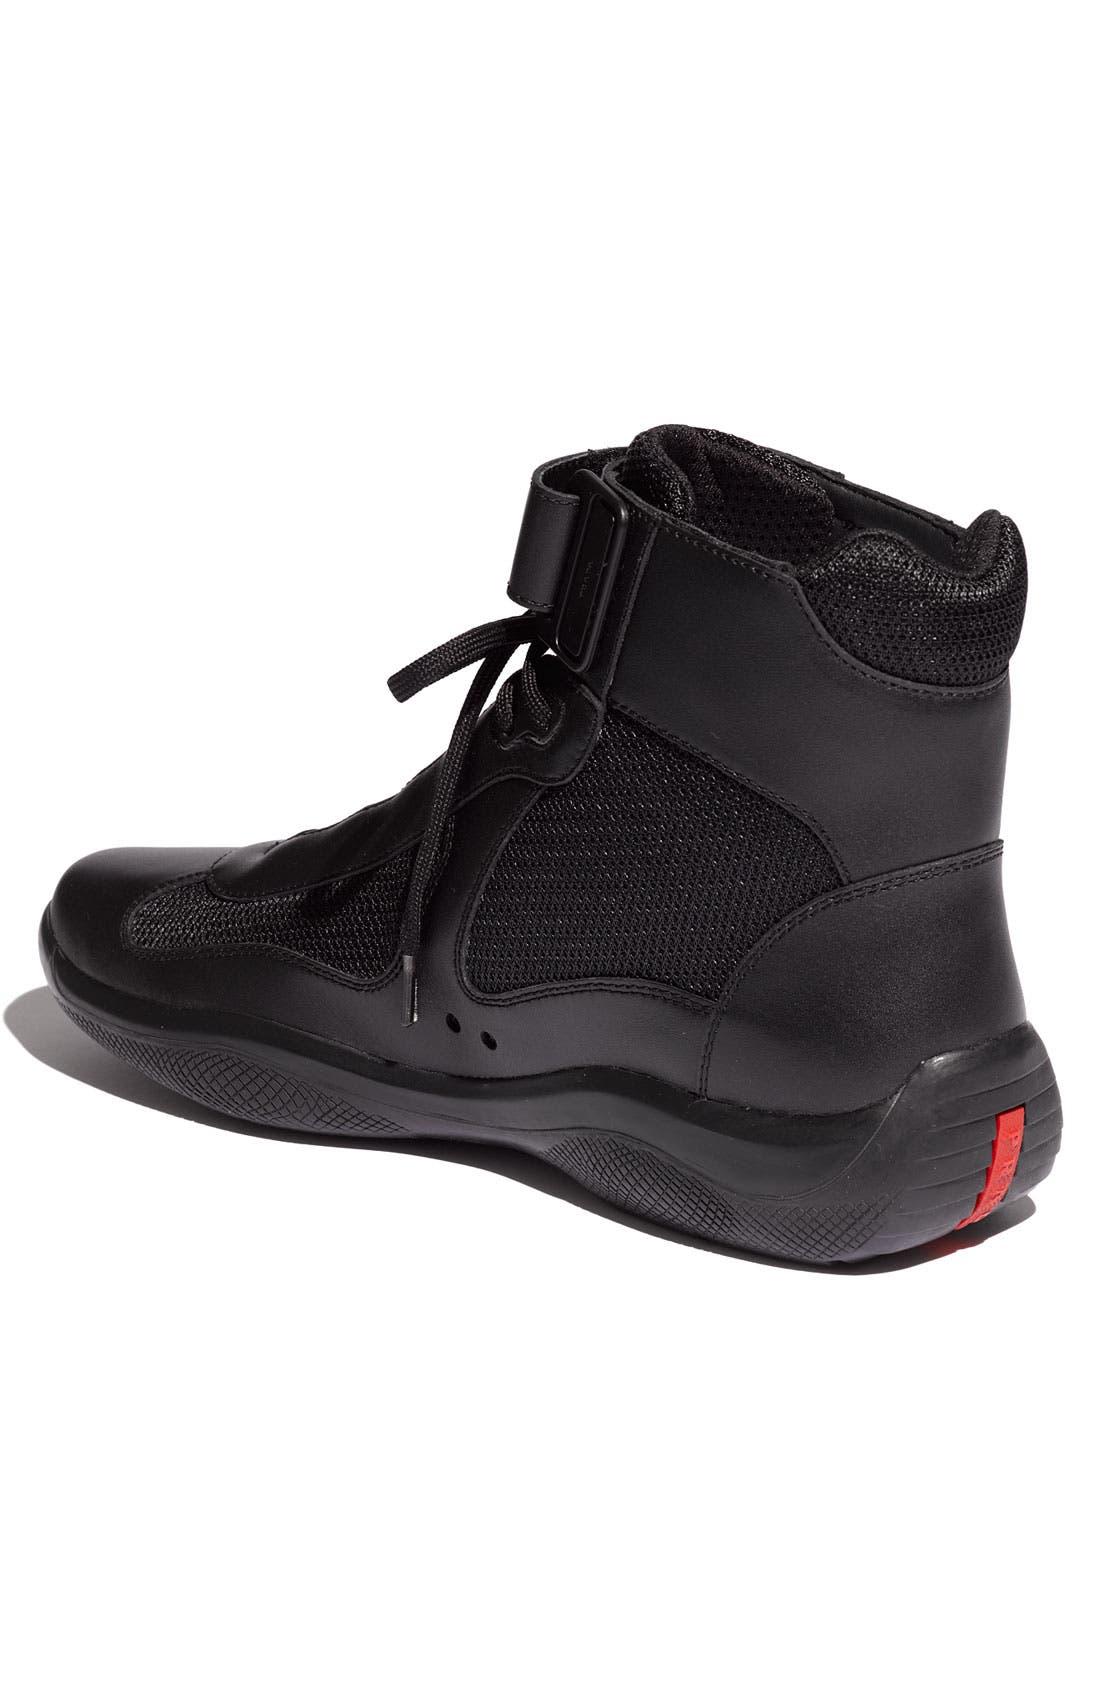 Alternate Image 2  - Prada 'America's Cup' High Top Sneaker (Men)